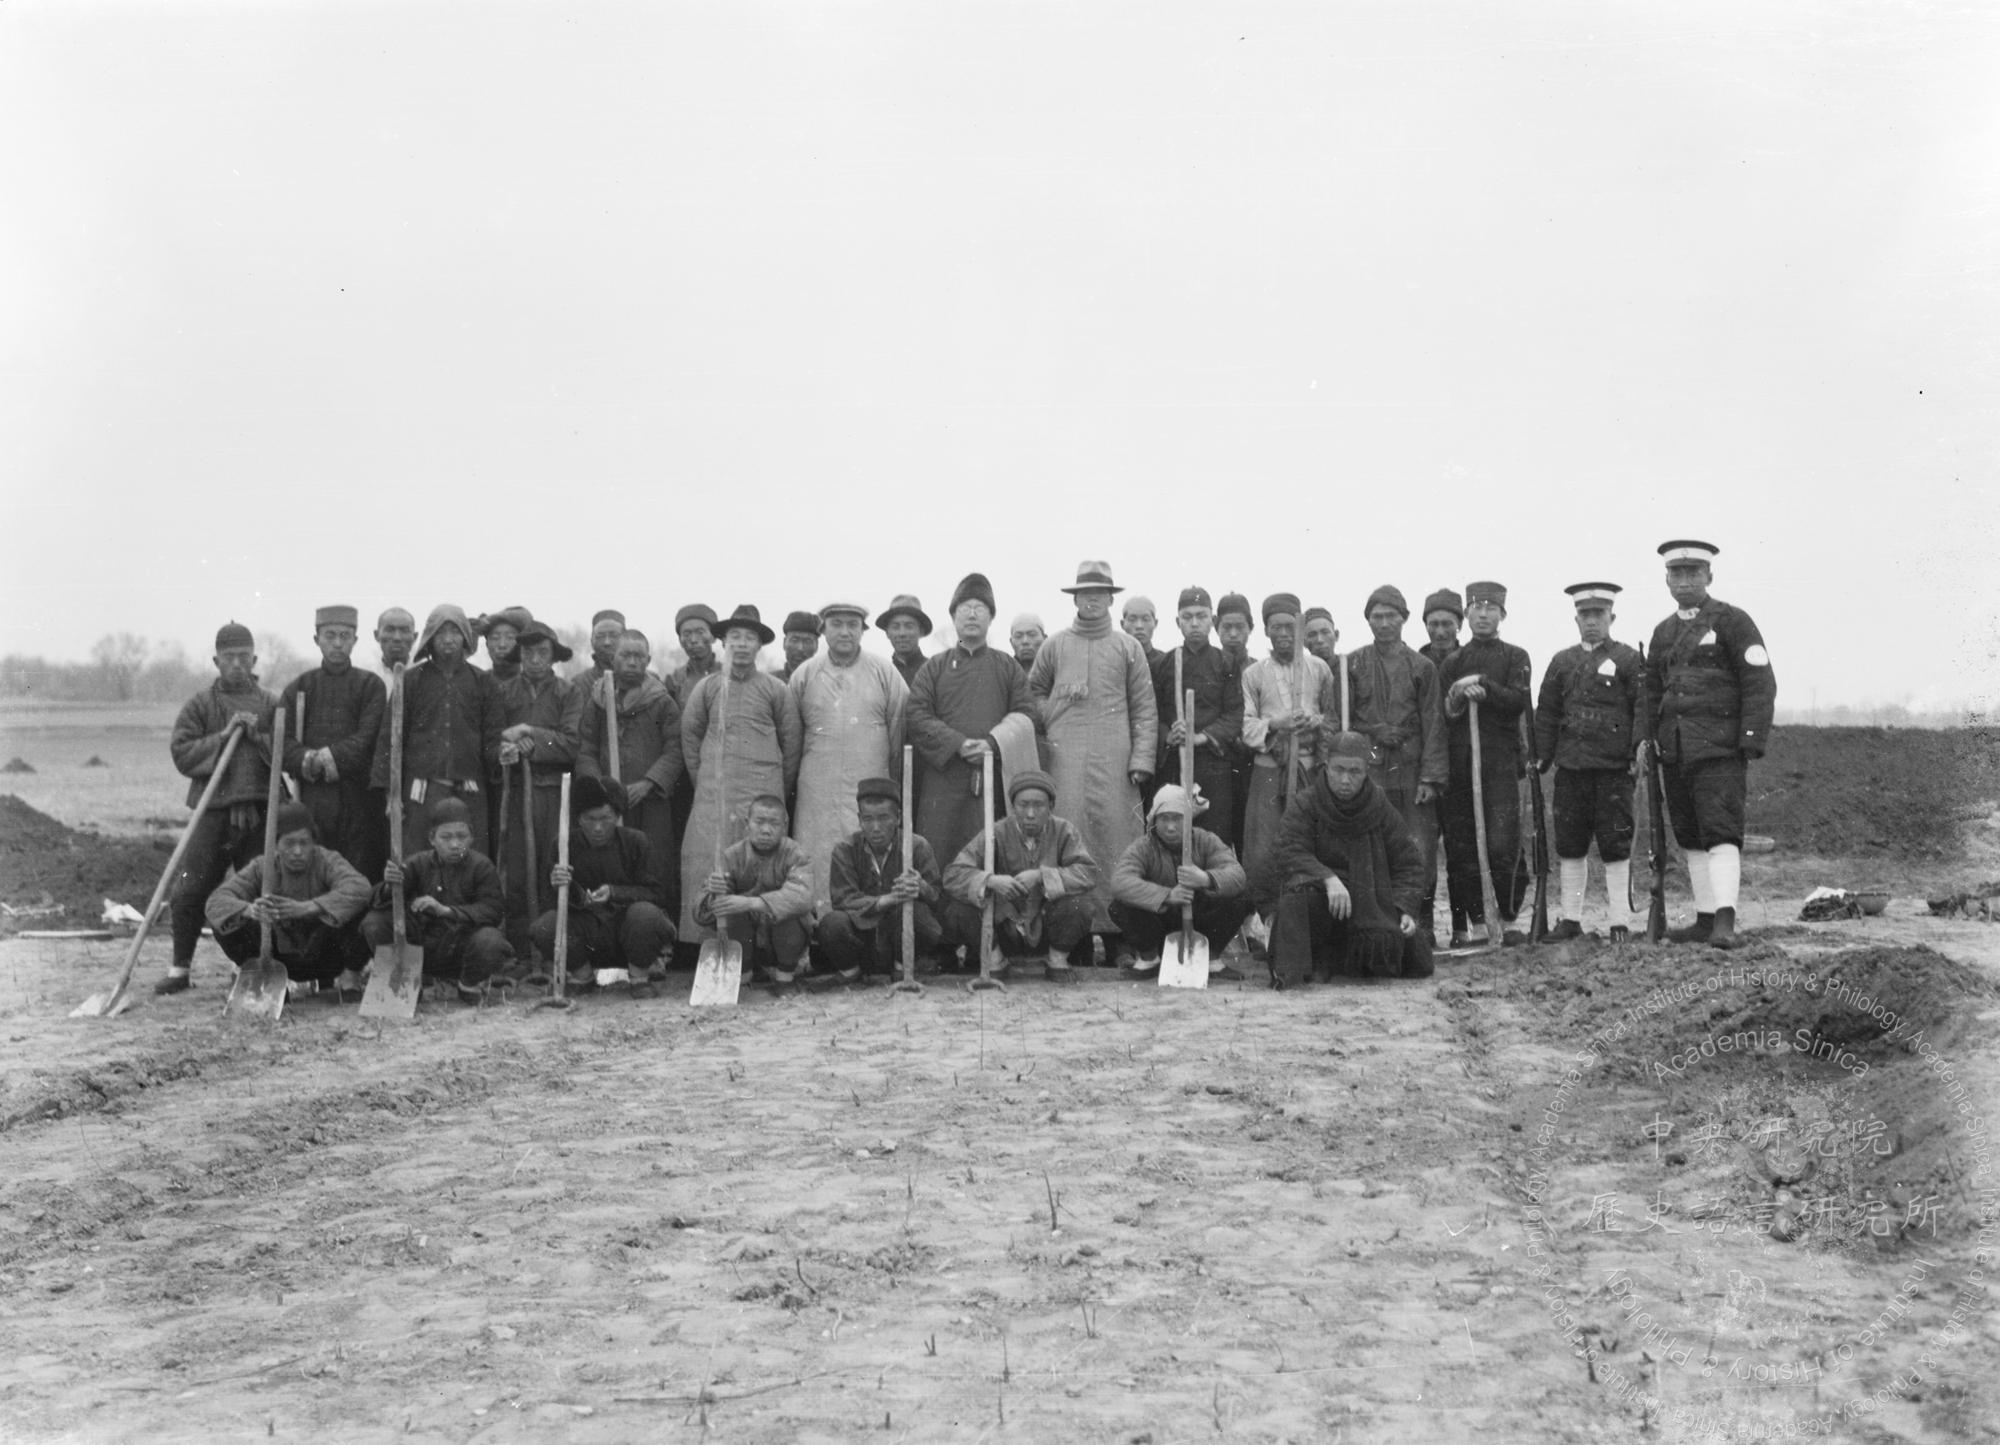 1928 年 8 月,董作賓在小屯村開坑發掘刻字甲骨片。1929 年春天,由李濟主持殷墟發掘工作,中研院史語所開始用近現代考古方法,開探發掘。圖為第十三次發掘全體員工。圖│中研院歷史語言研究所